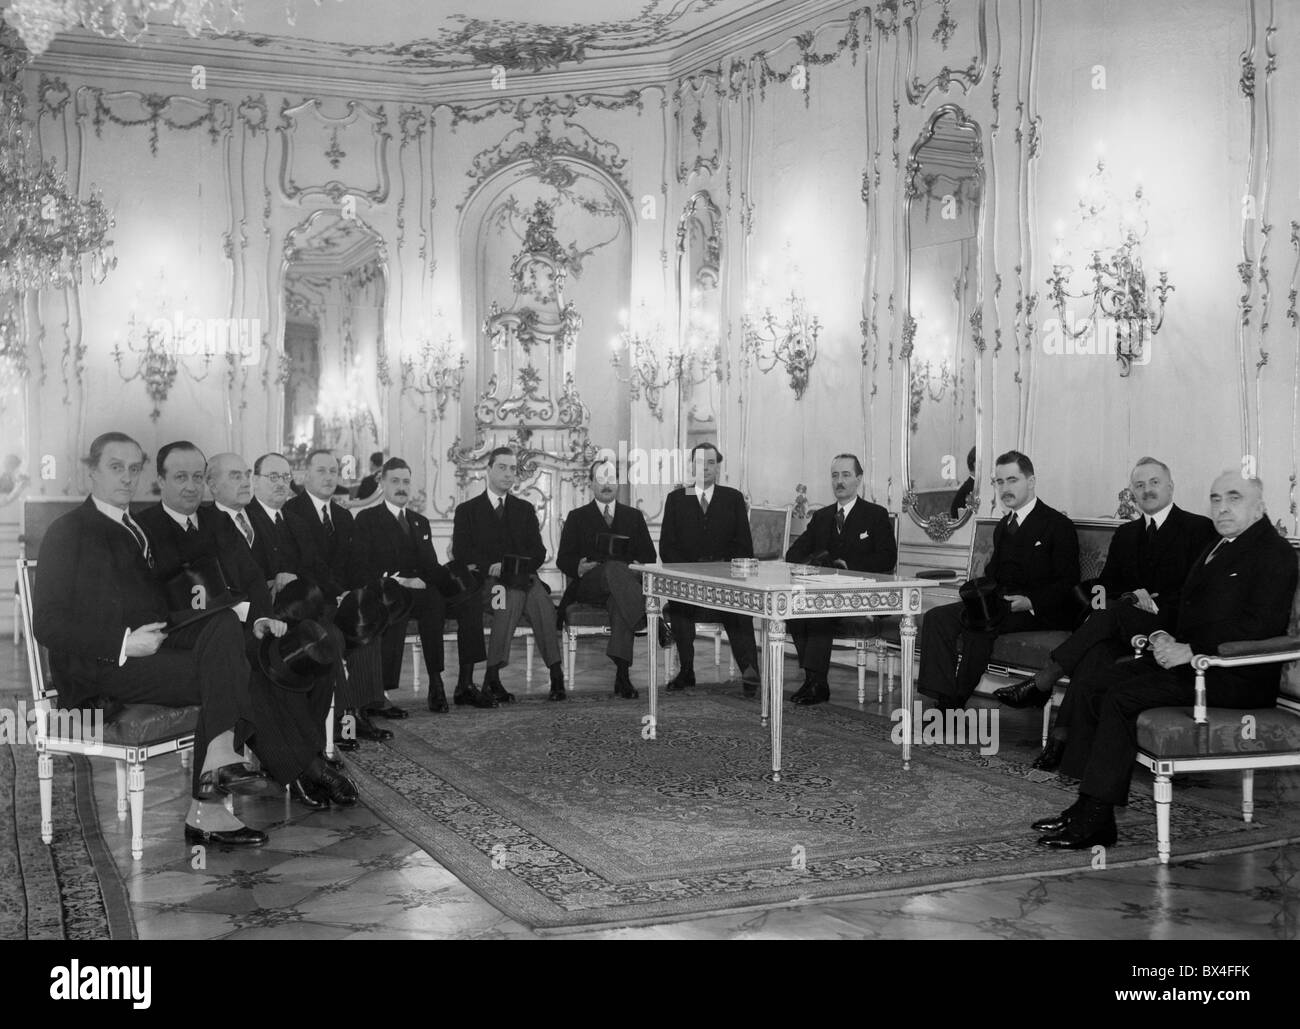 Praga il 24 gennaio 1938. Membri della nobiltà durante la visita al Castello di Praga. Da sinistra: Conteggio Immagini Stock